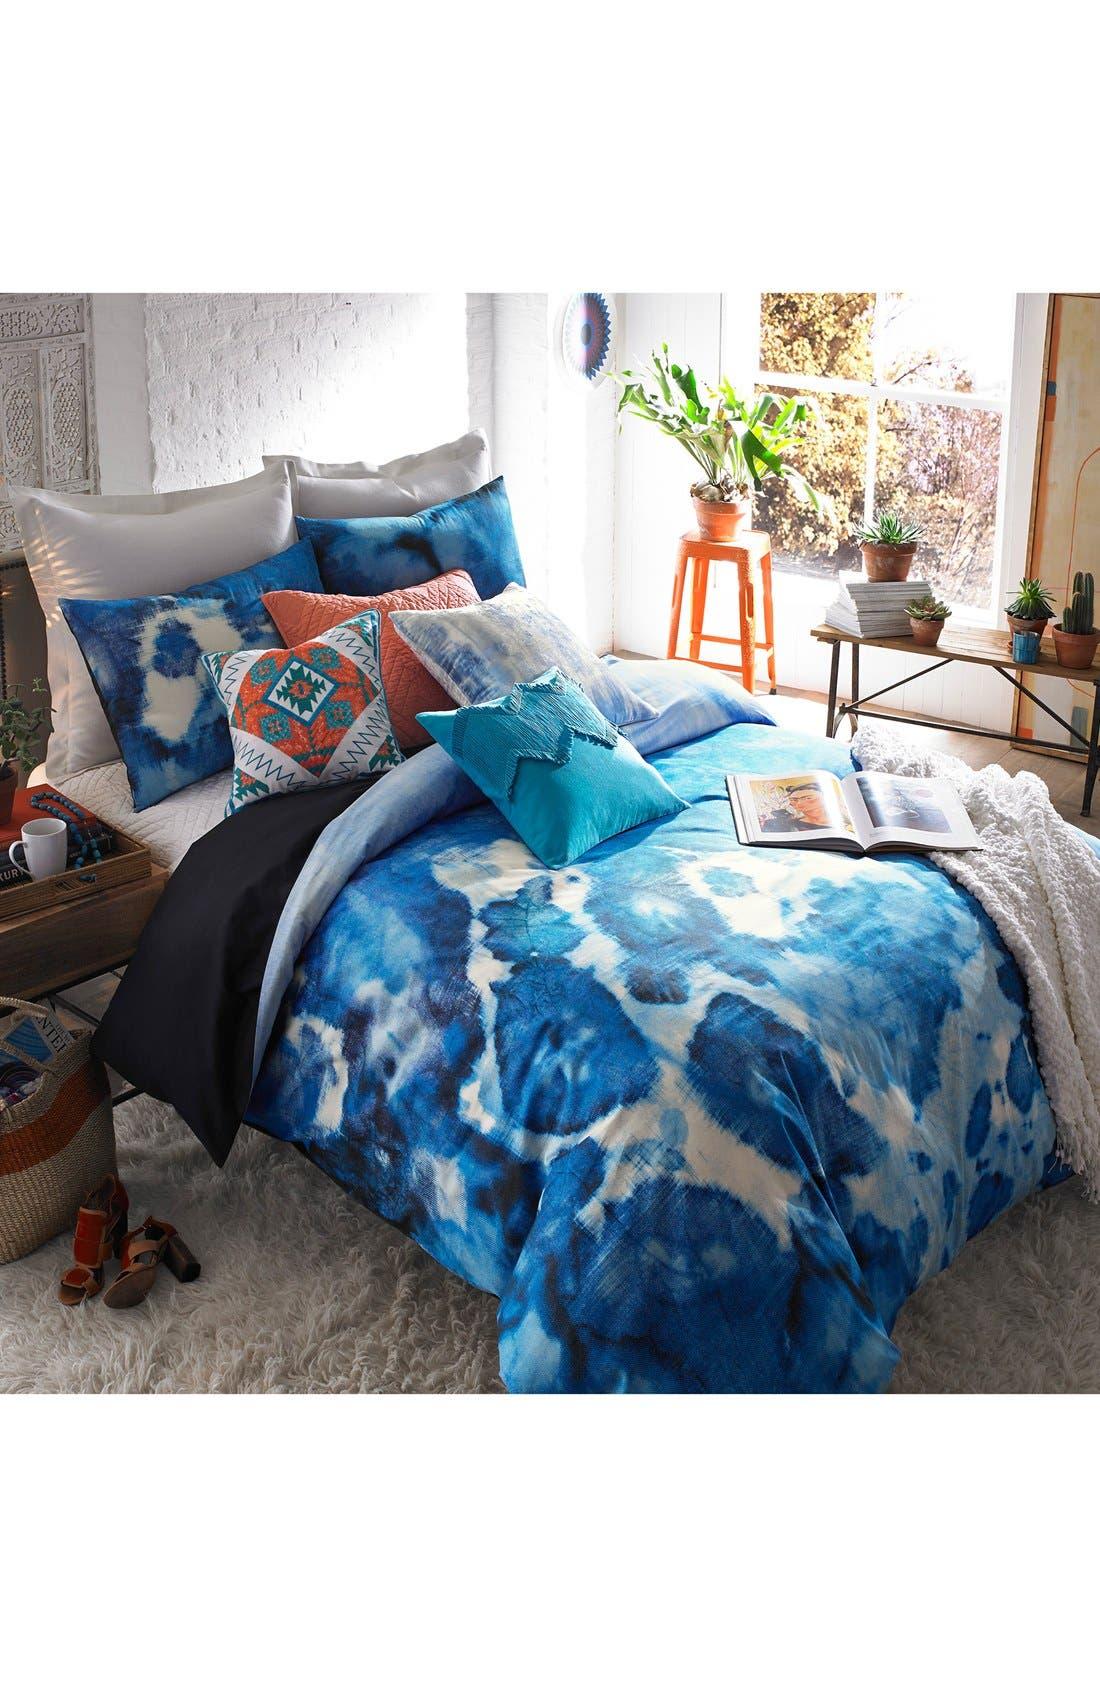 Alternate Image 1 Selected - Blissliving Home Casa Azul Reversible Duvet Cover & Sham Set